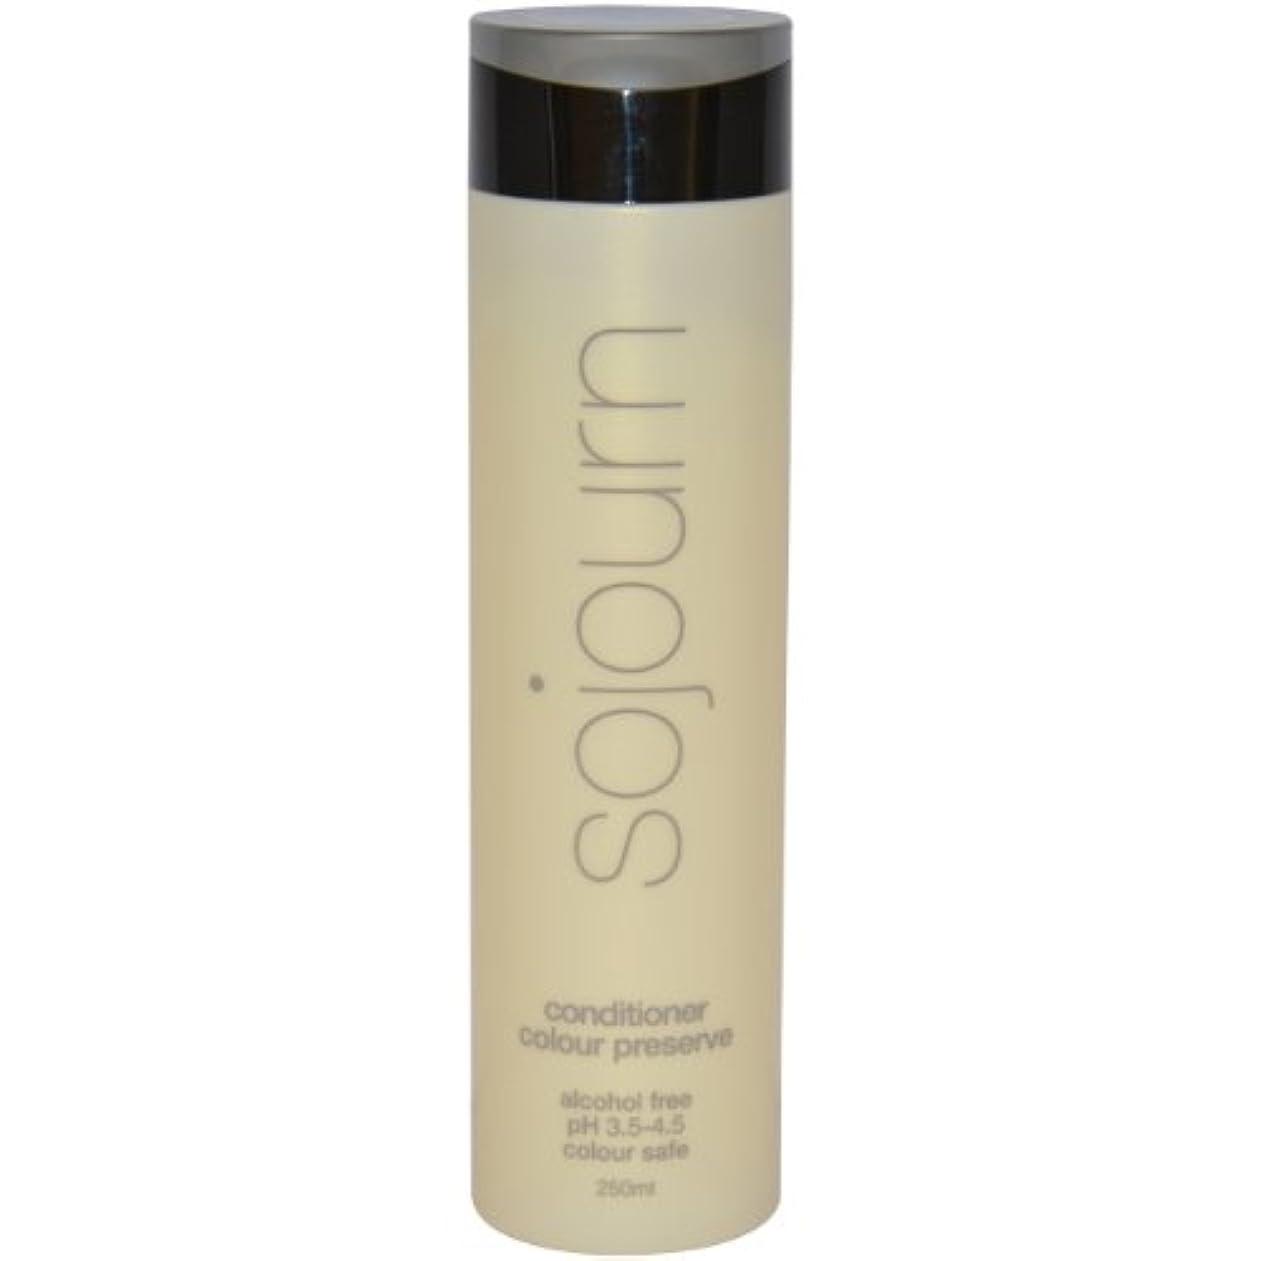 媒染剤シールド軽量sojourn 滞在コンディショナー色は8.5オンス/ 250ミリリットルを保持します 250ミリリットル/ 8.5液量オンス